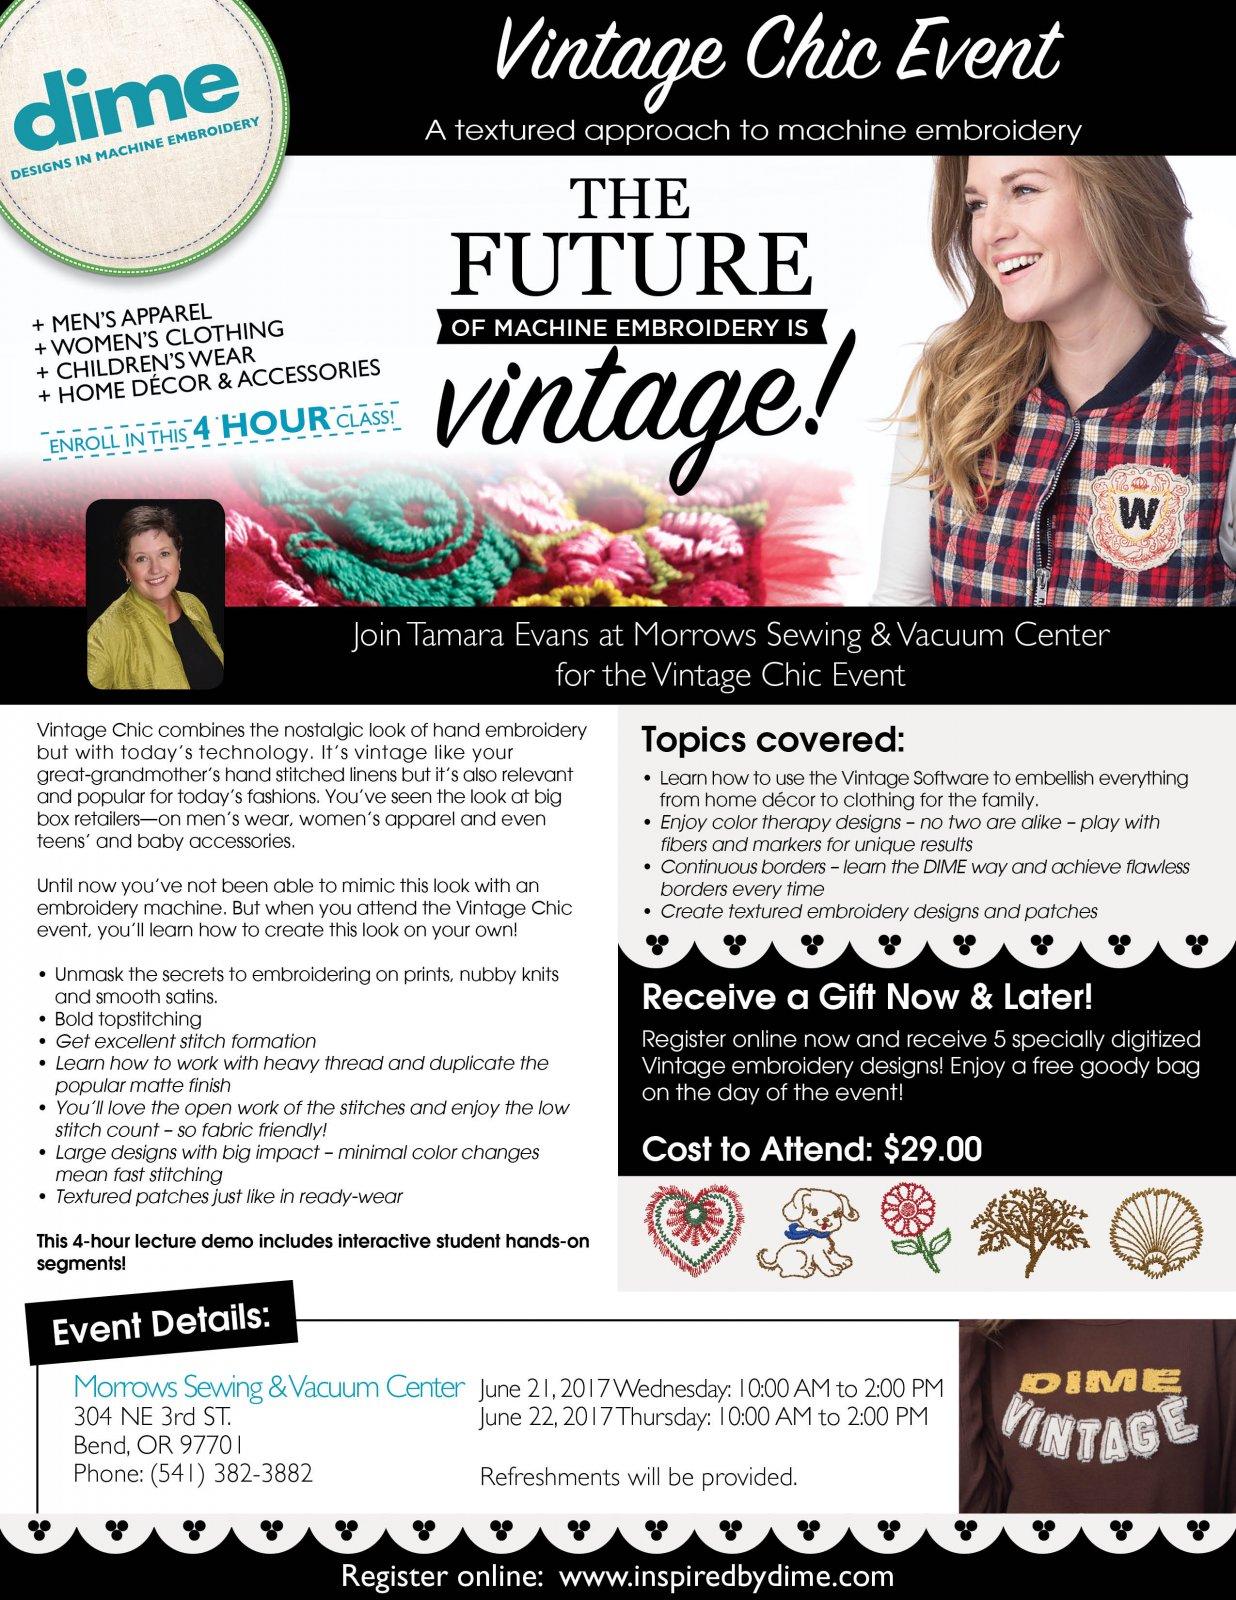 DiME Vintage Chic Event